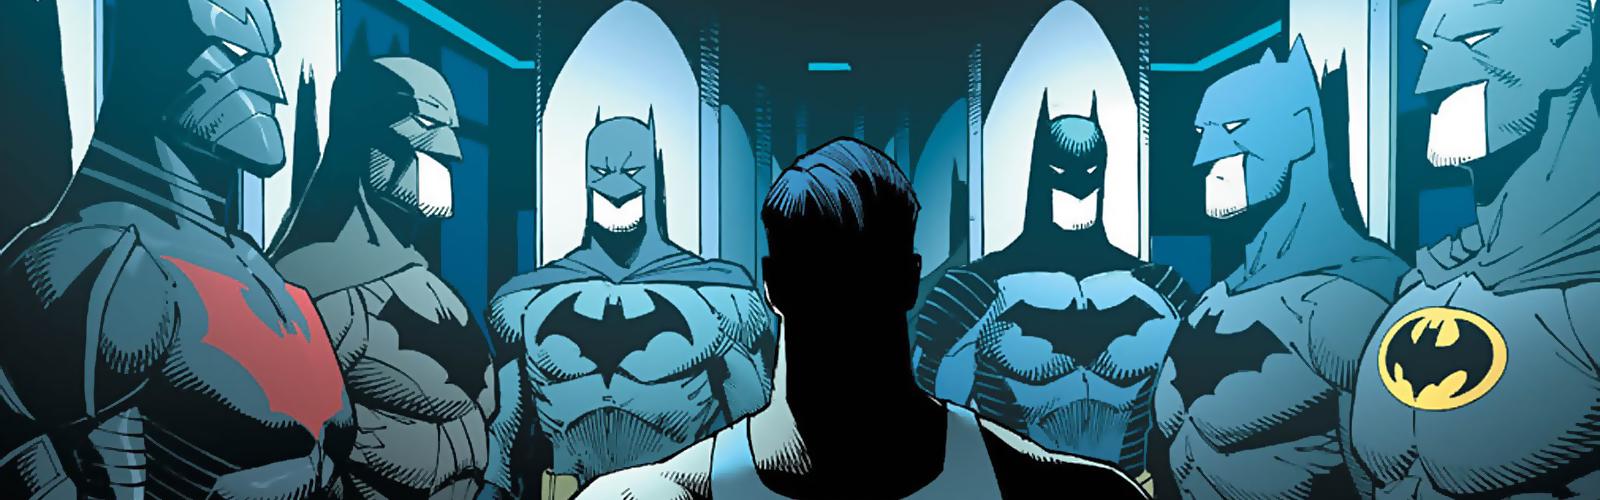 New Releases - 23-03-16: Batman